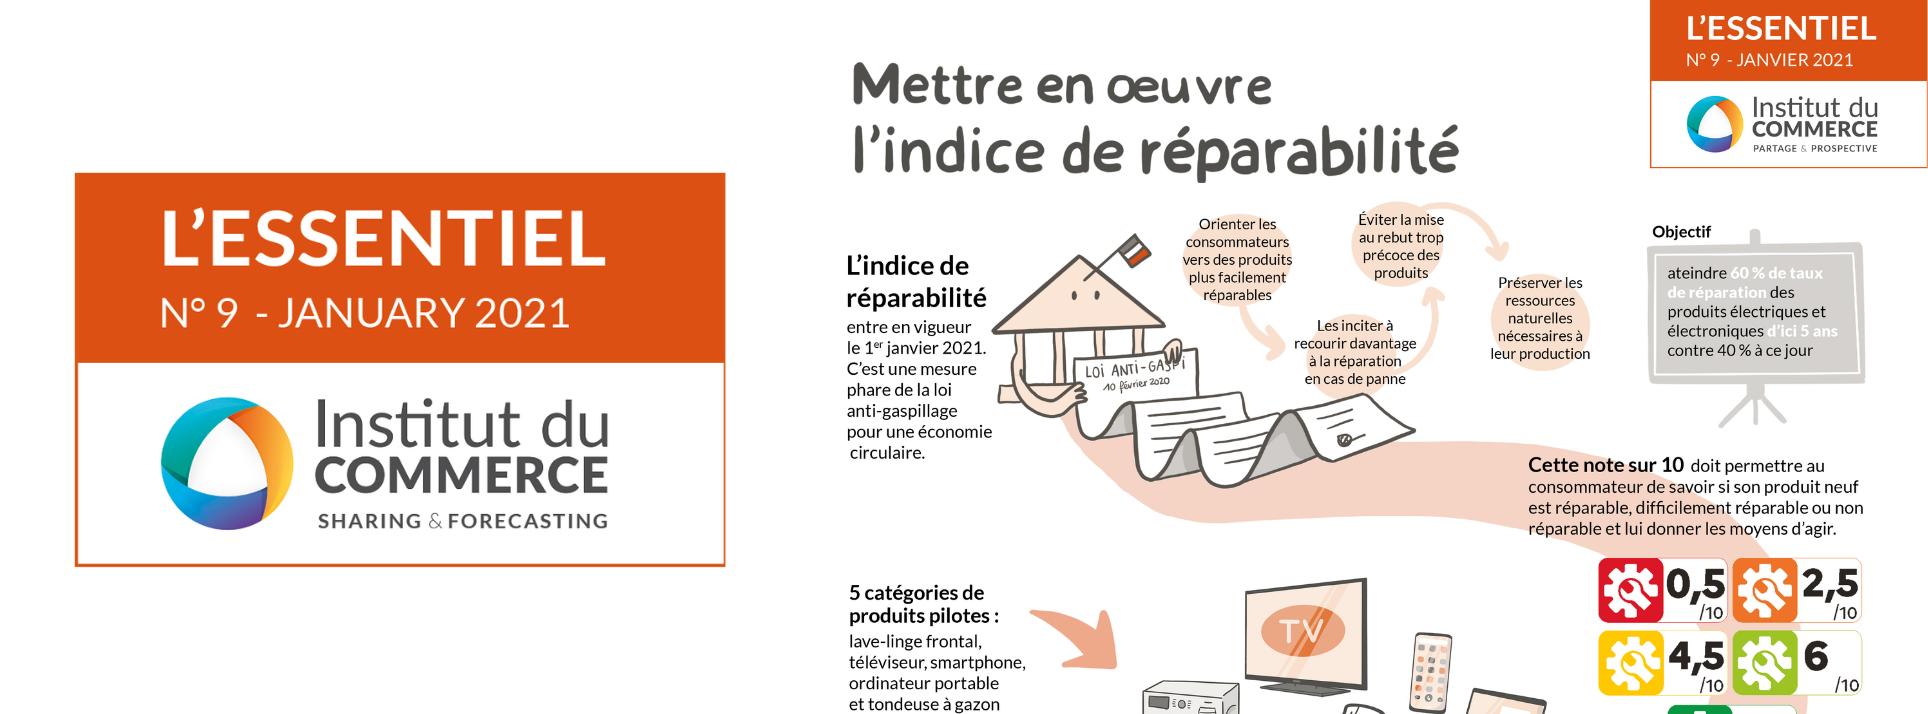 Essentiel#9  : La mise en oeuvre de l'Indice de Réparabilité